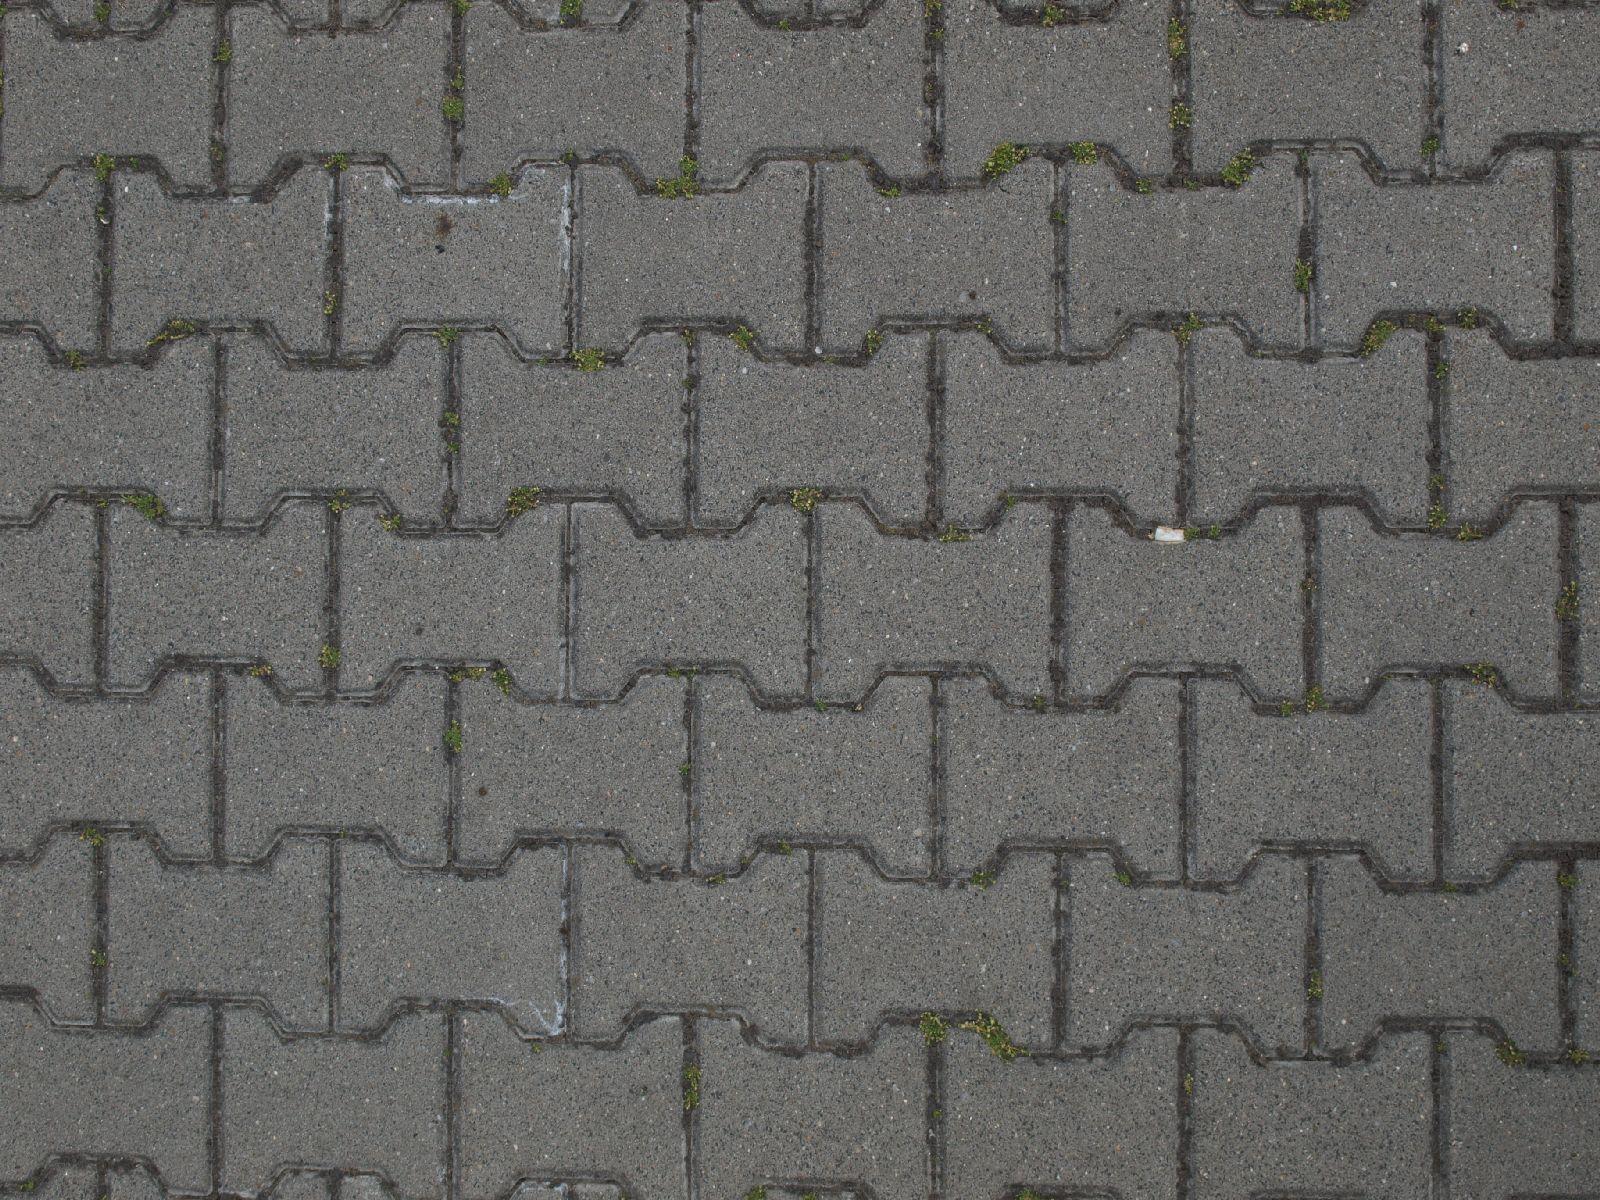 Boden-Gehweg-Strasse-Buergersteig-Textur_A_P6046697